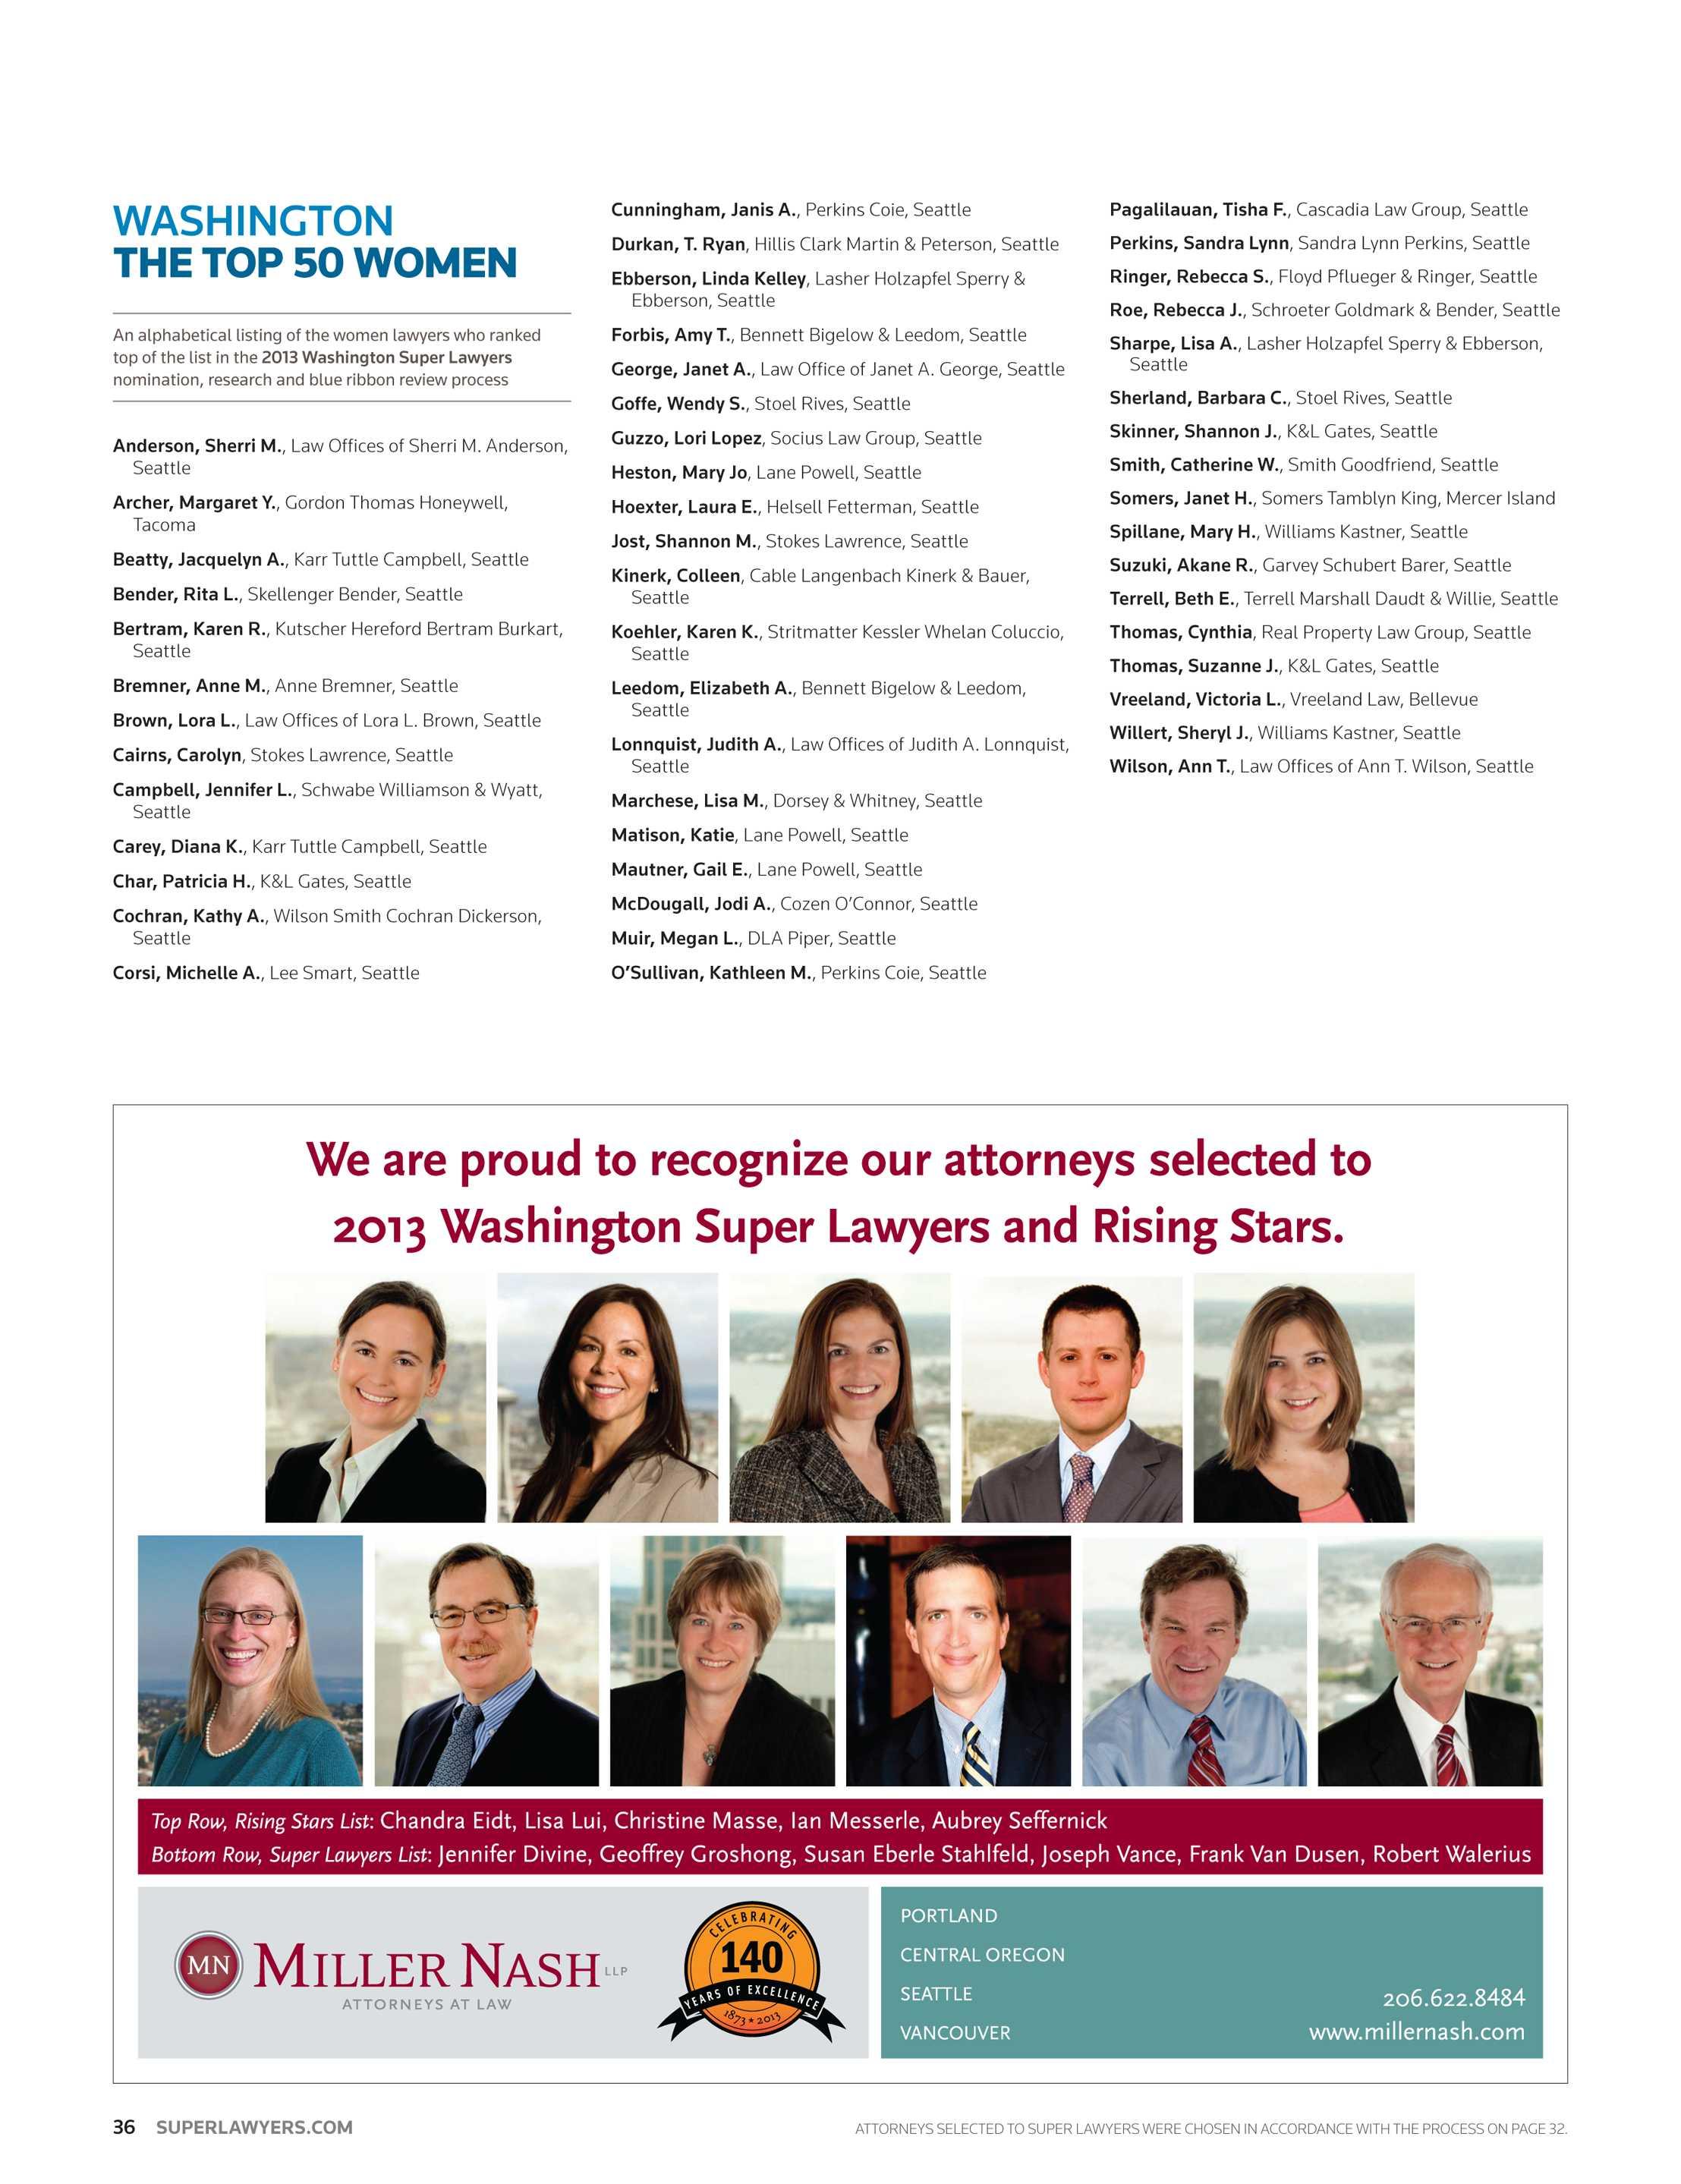 Super Lawyers - Washington 2013 - page 36